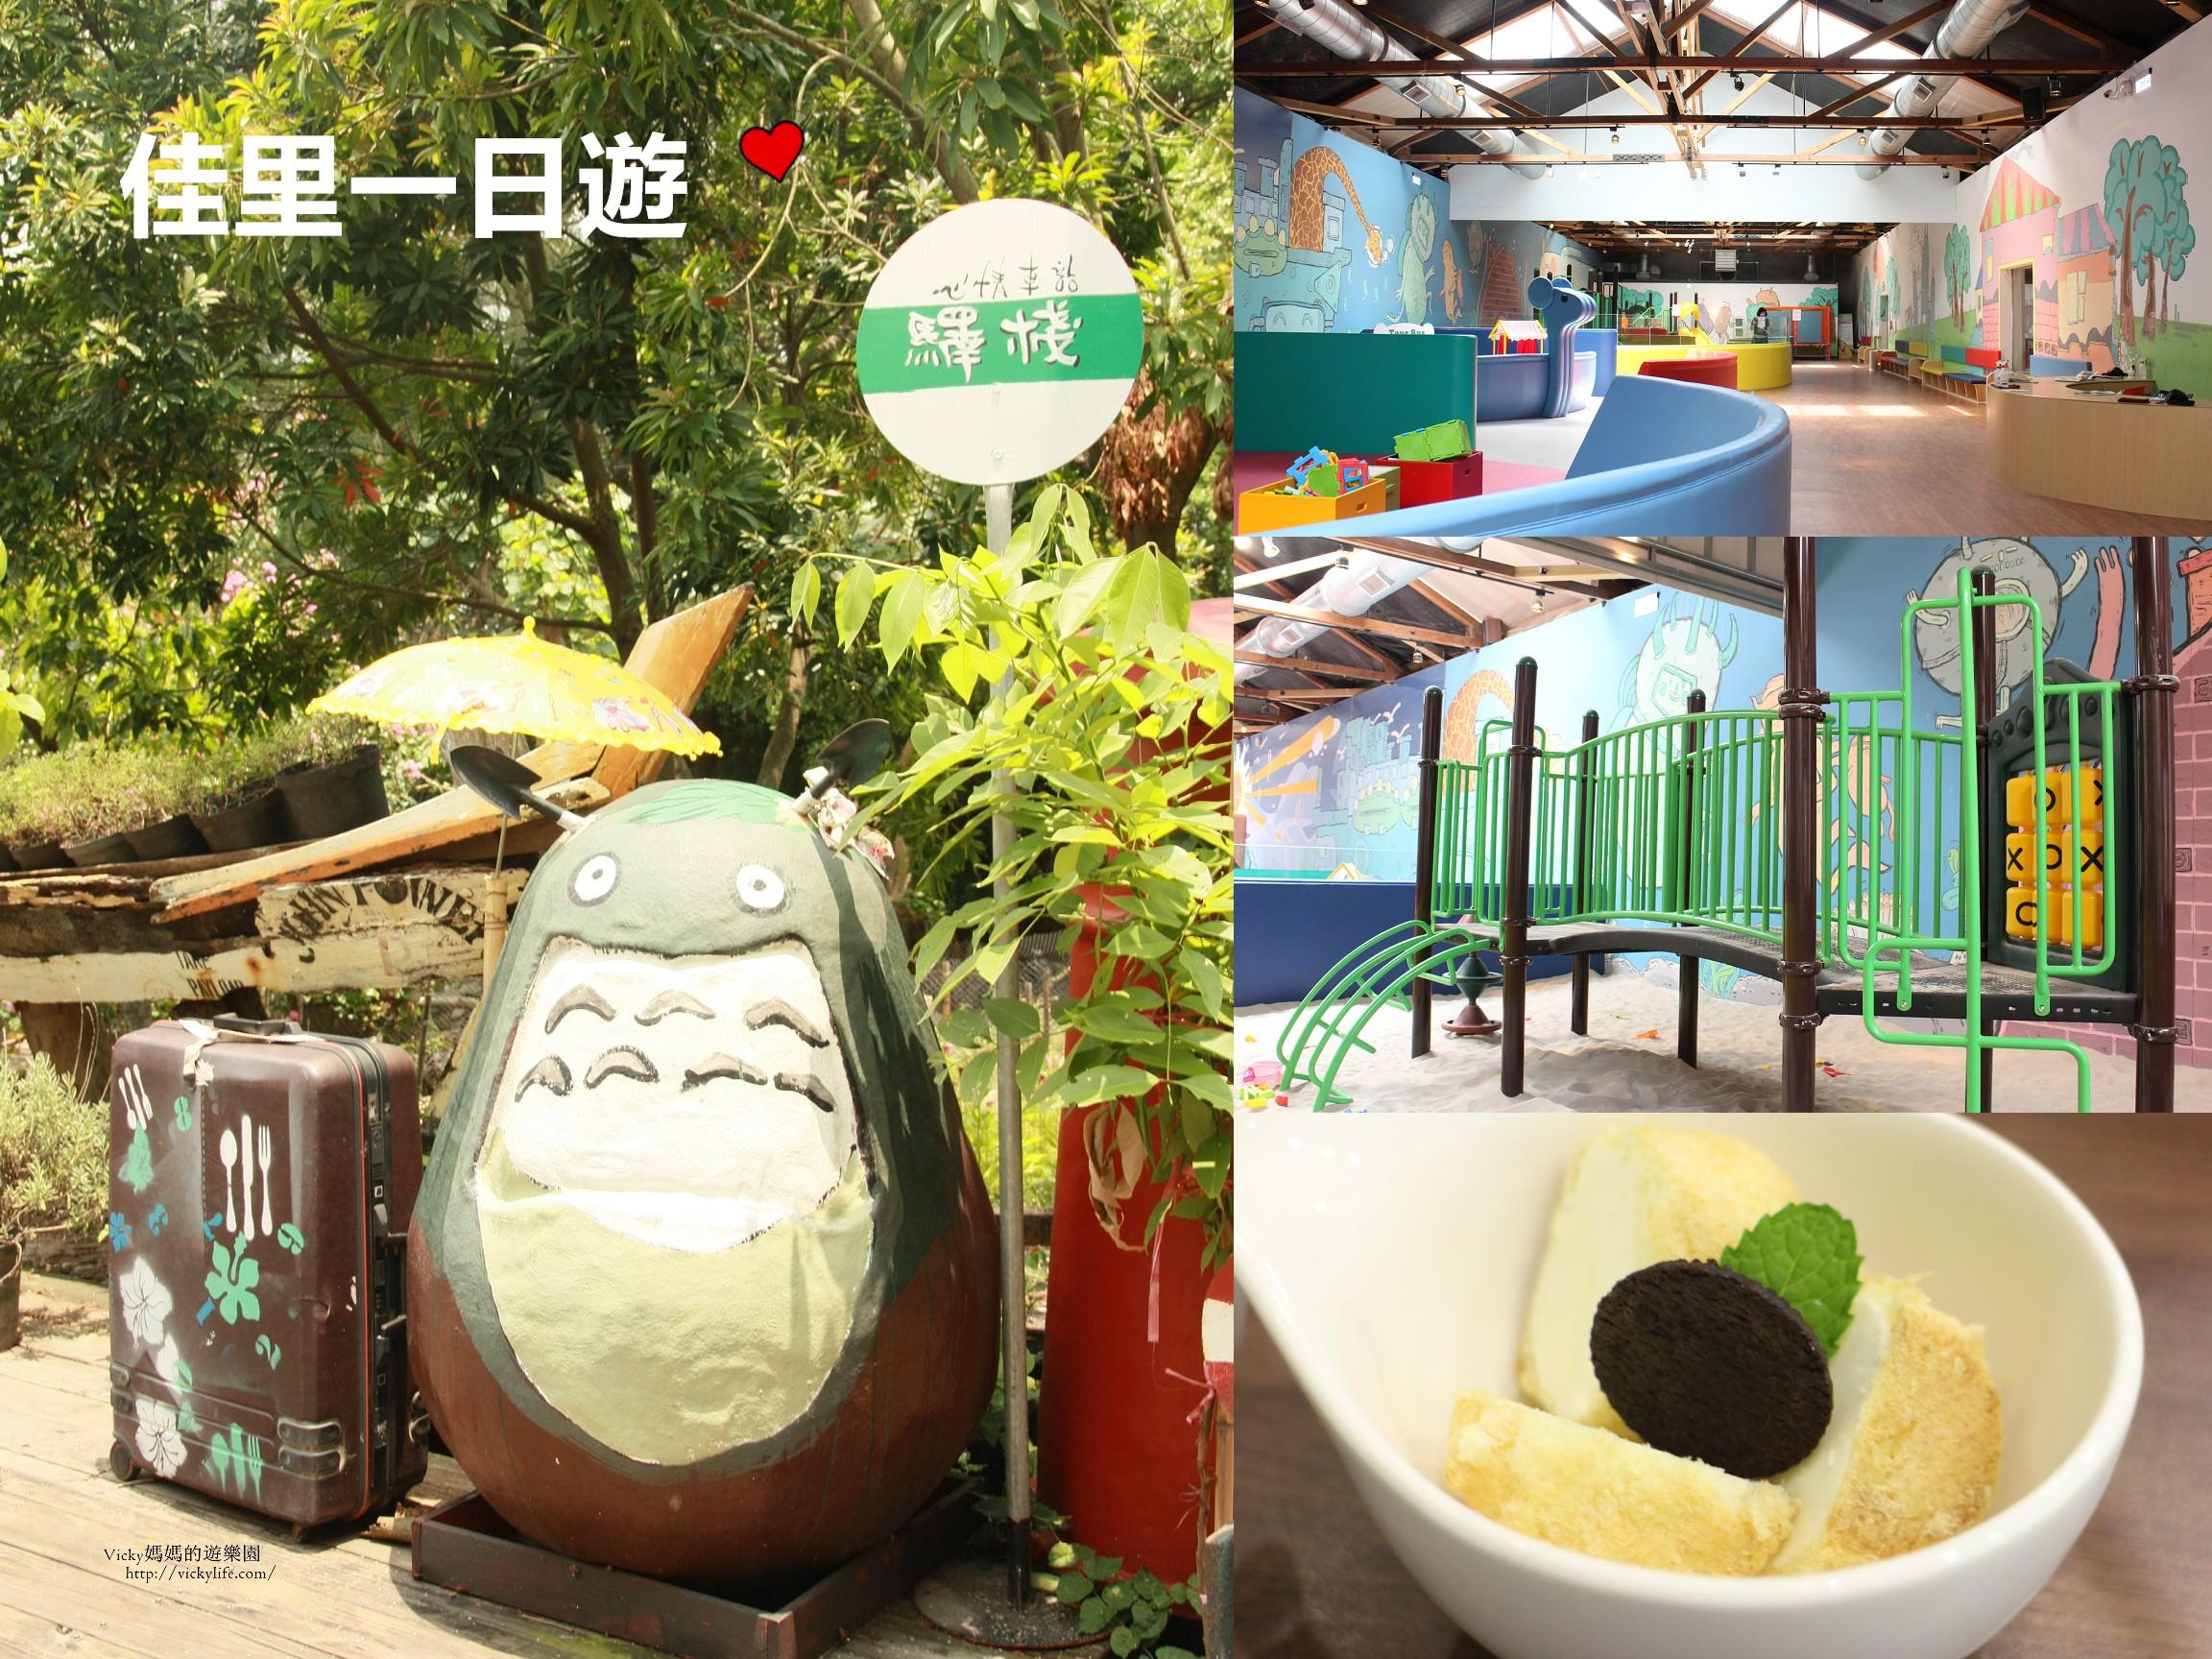 台南旅遊景點︱台南佳里一日遊程,特色美食攻略(2018-08更新)